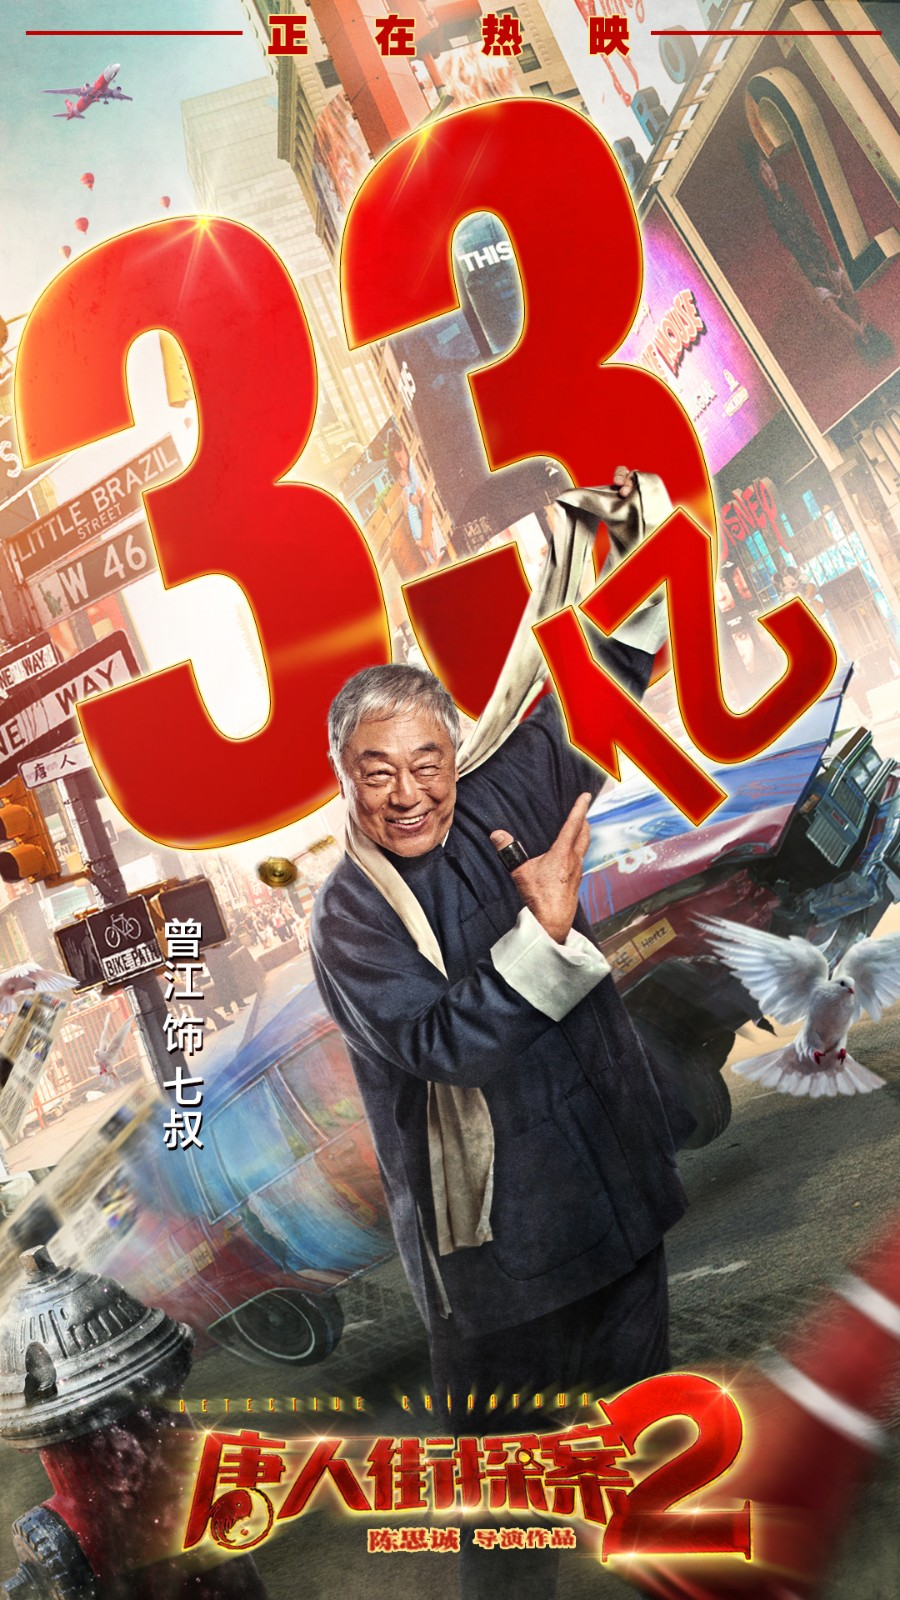 《唐人街探案2》票房破33亿 制片人:没人敢担保 只能